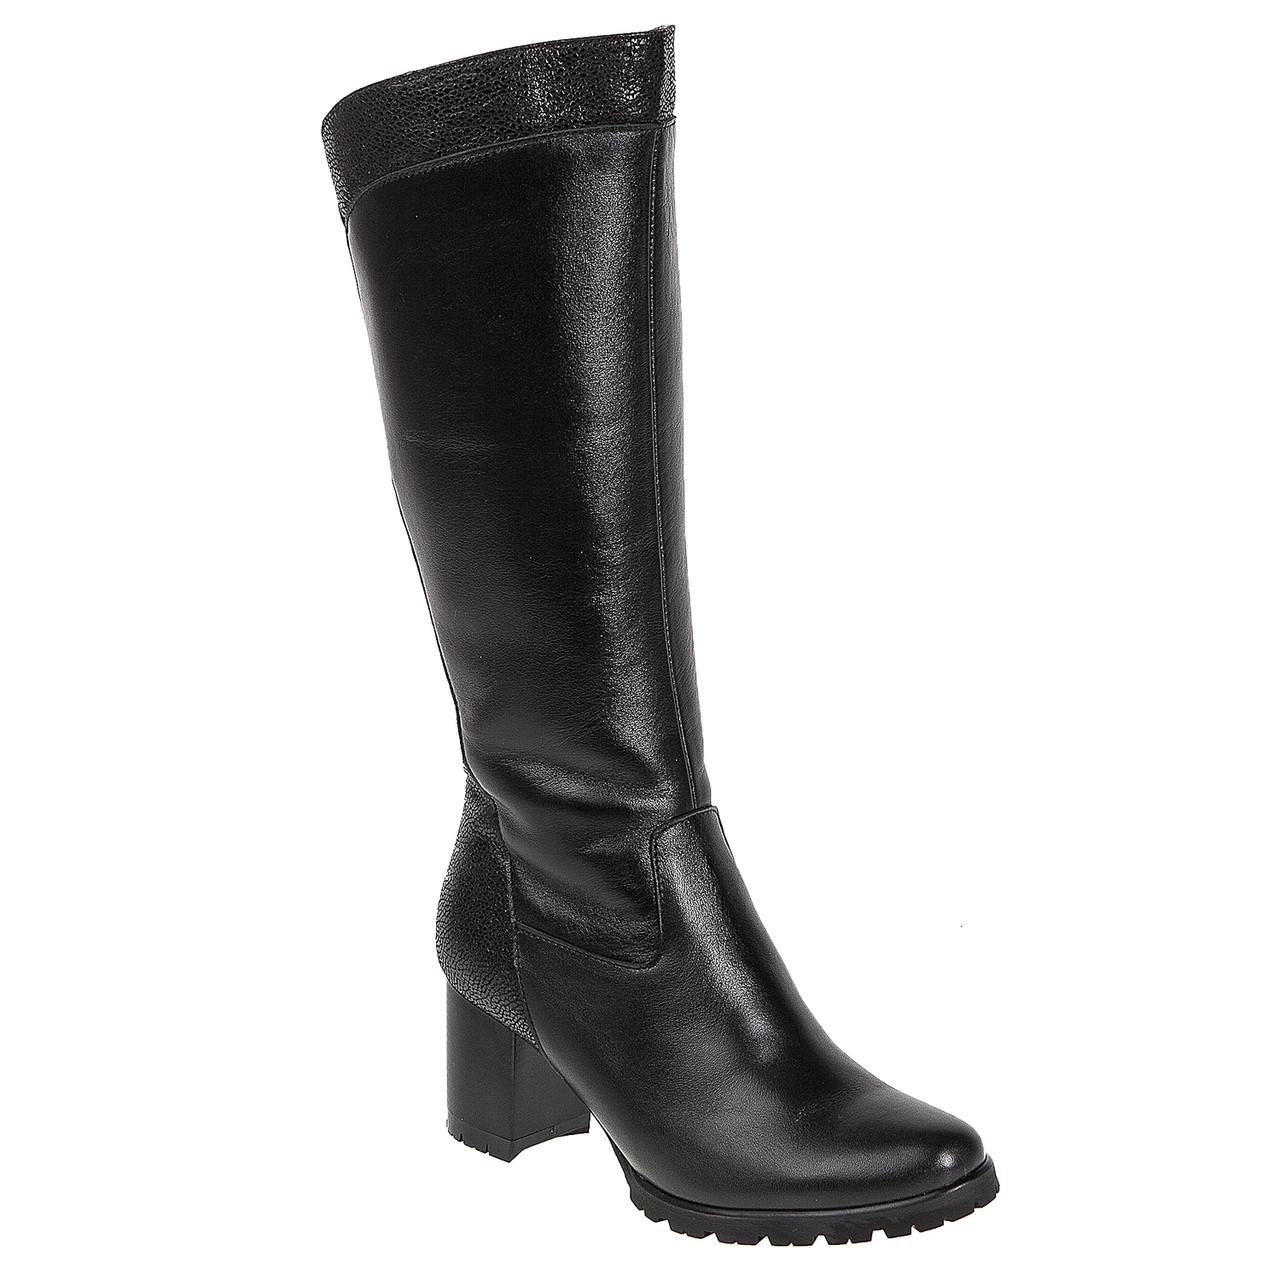 e23d5ad6 Купить Сапоги женские Alamo (чёрные, удобные, на устойчивом каблуке ...